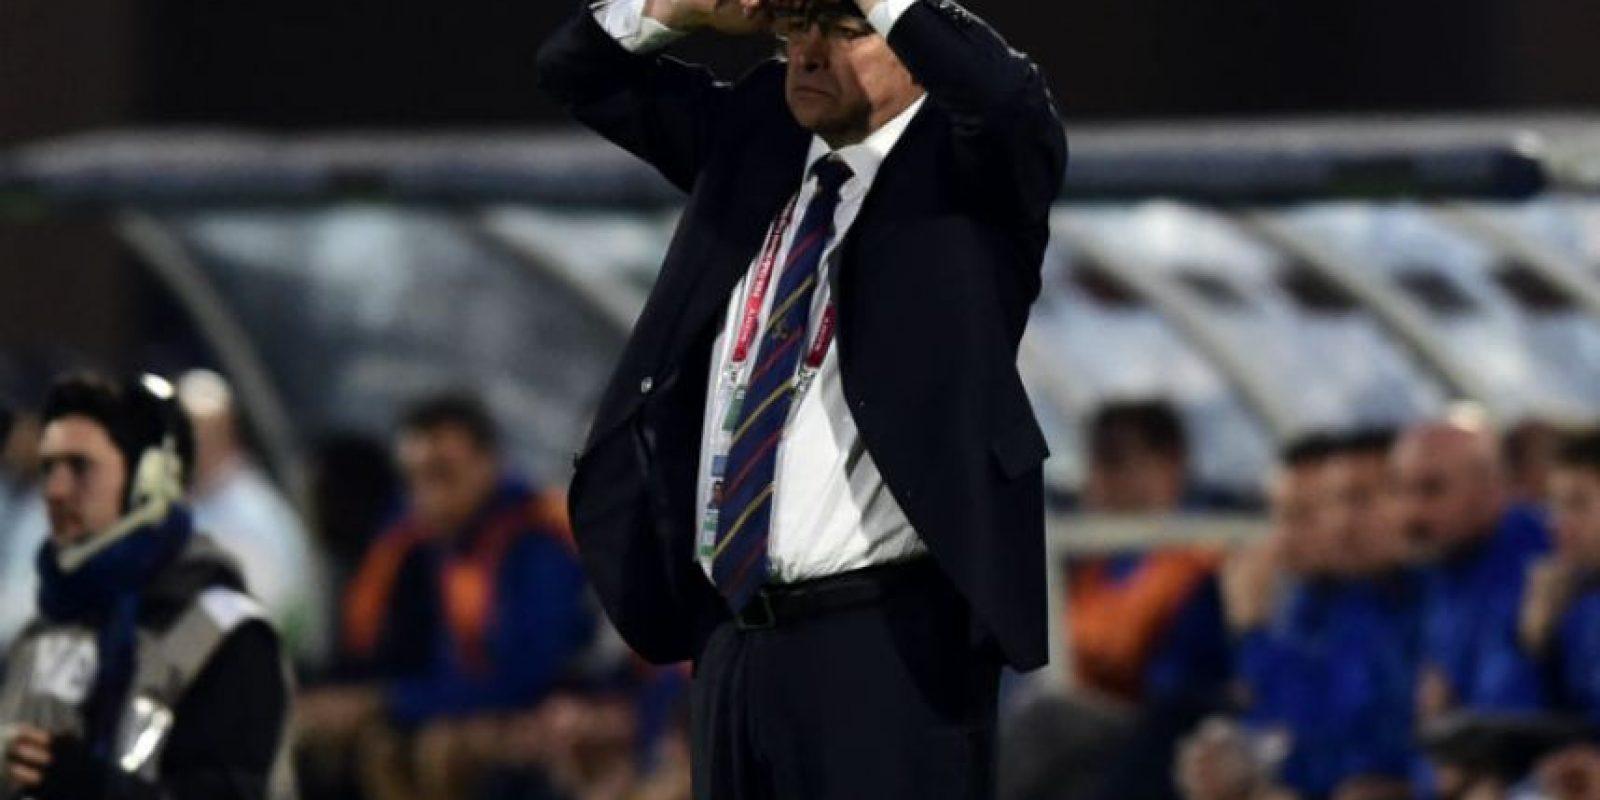 El entrenador de Cruz Azul, Luis Fernando Tena, se lamenta. Foto:AFP